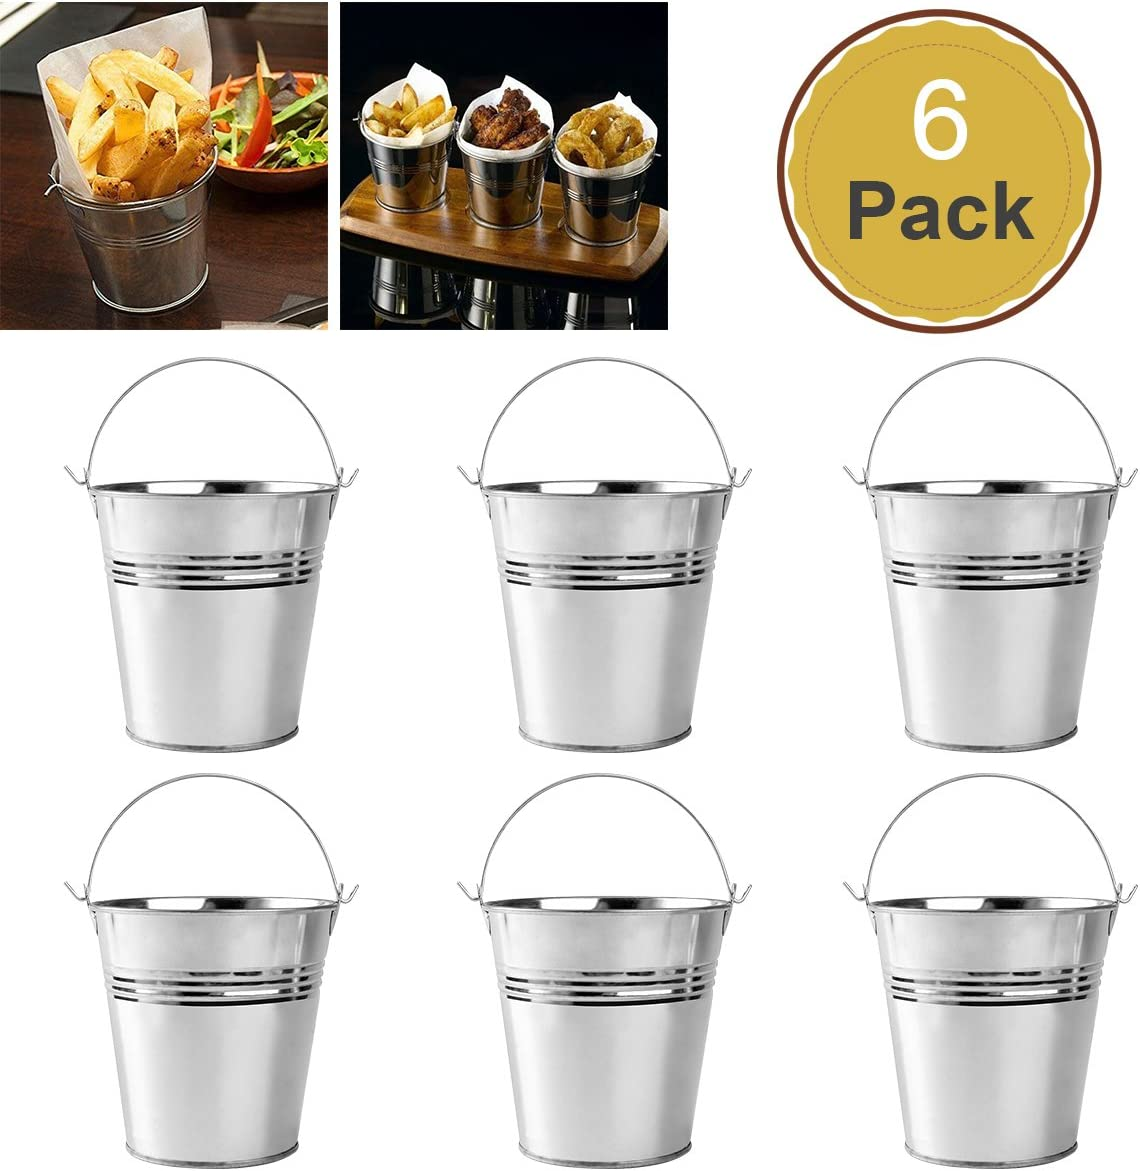 OUNONA 6pcs 10.5x7.2x10.5cm Mini Cubo del Metal de la hojaldra Cubos de hojalata de Las fritadas del francés